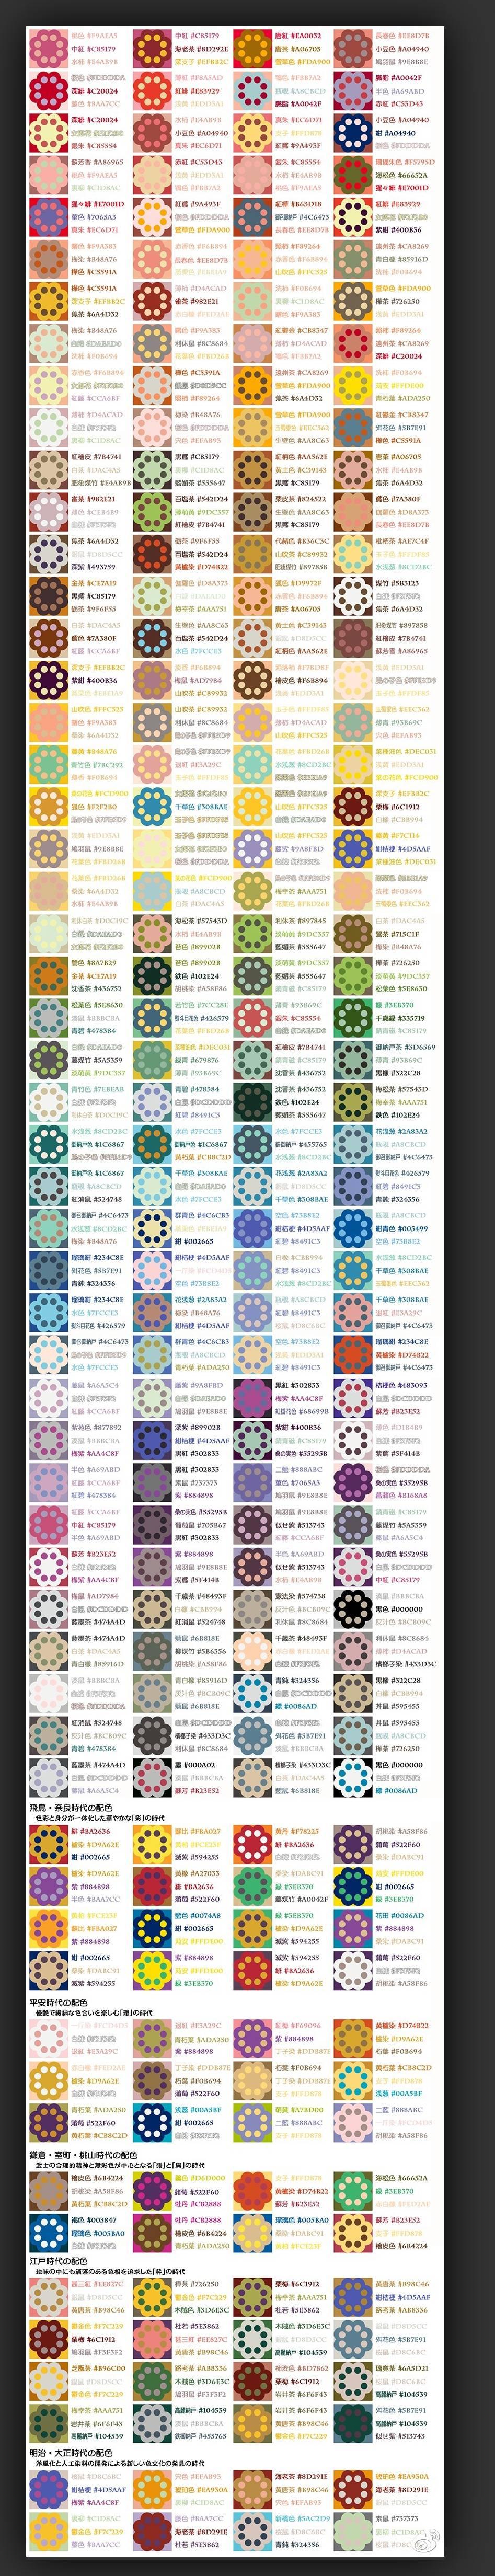 一组日本传统配色参考:冷色系、暖色系,适合搭配网页设计、UI设计等作品 - R站|学习使我快乐! - 1